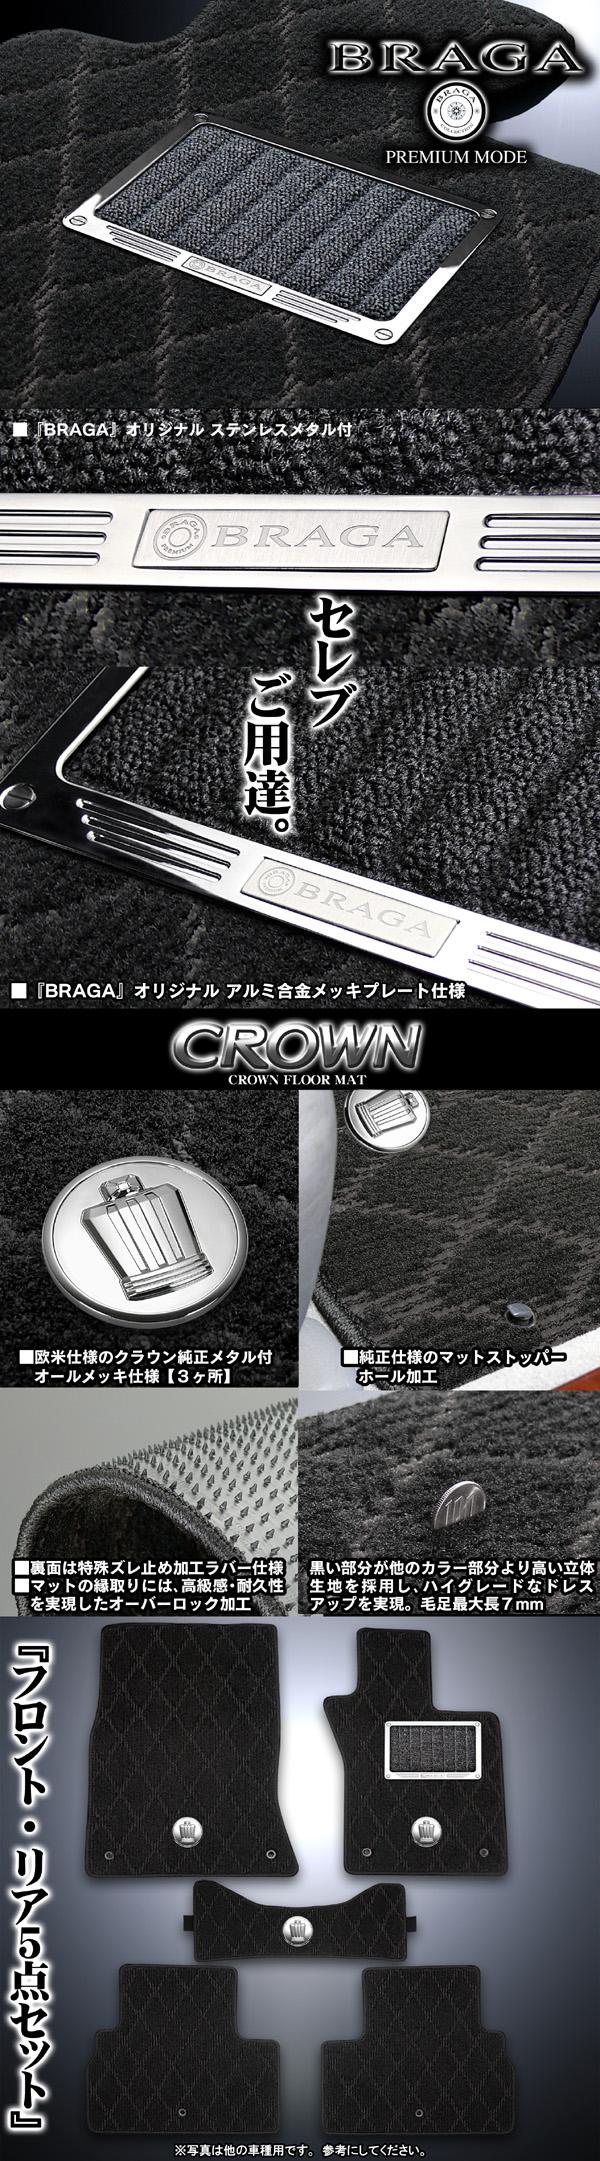 【トヨタ/クラウン/マジェスタ】シングルダイヤ[タイプ2]ブラック《クラウンメタル3個+メッキプレート付》フロアマット5点セット